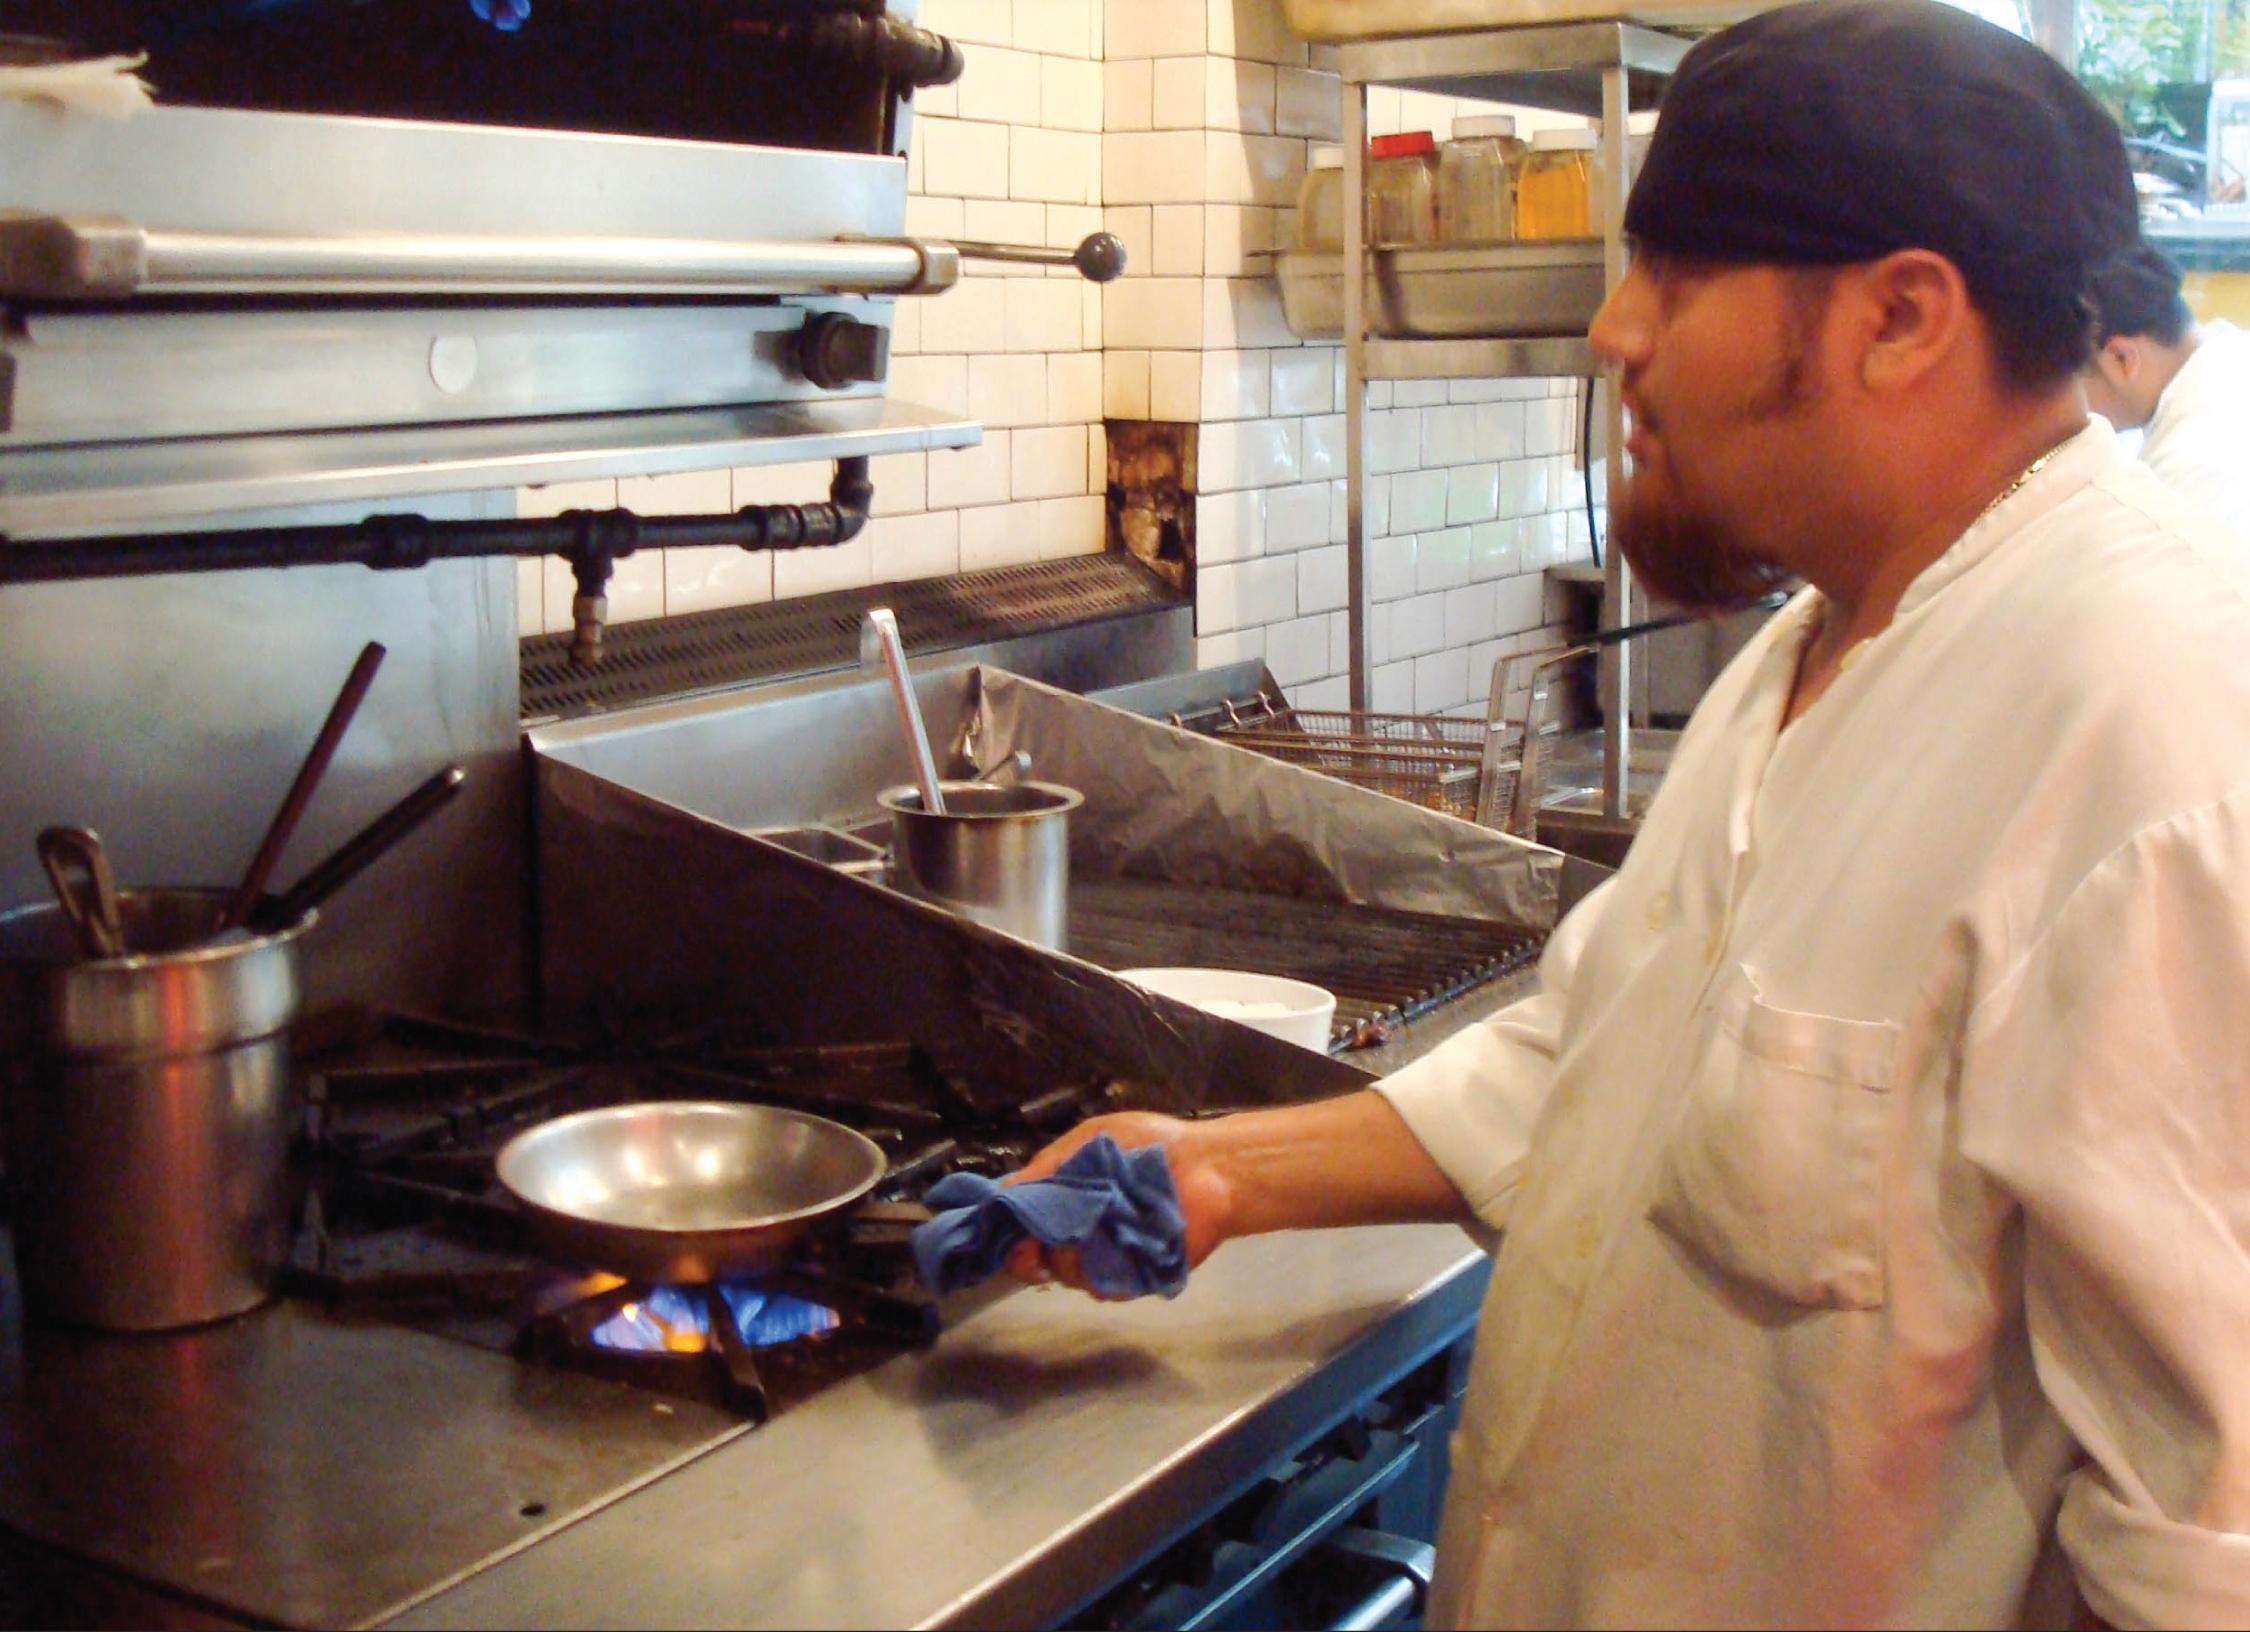 2013-05-08-restaurantworkerholdingpan.jpg